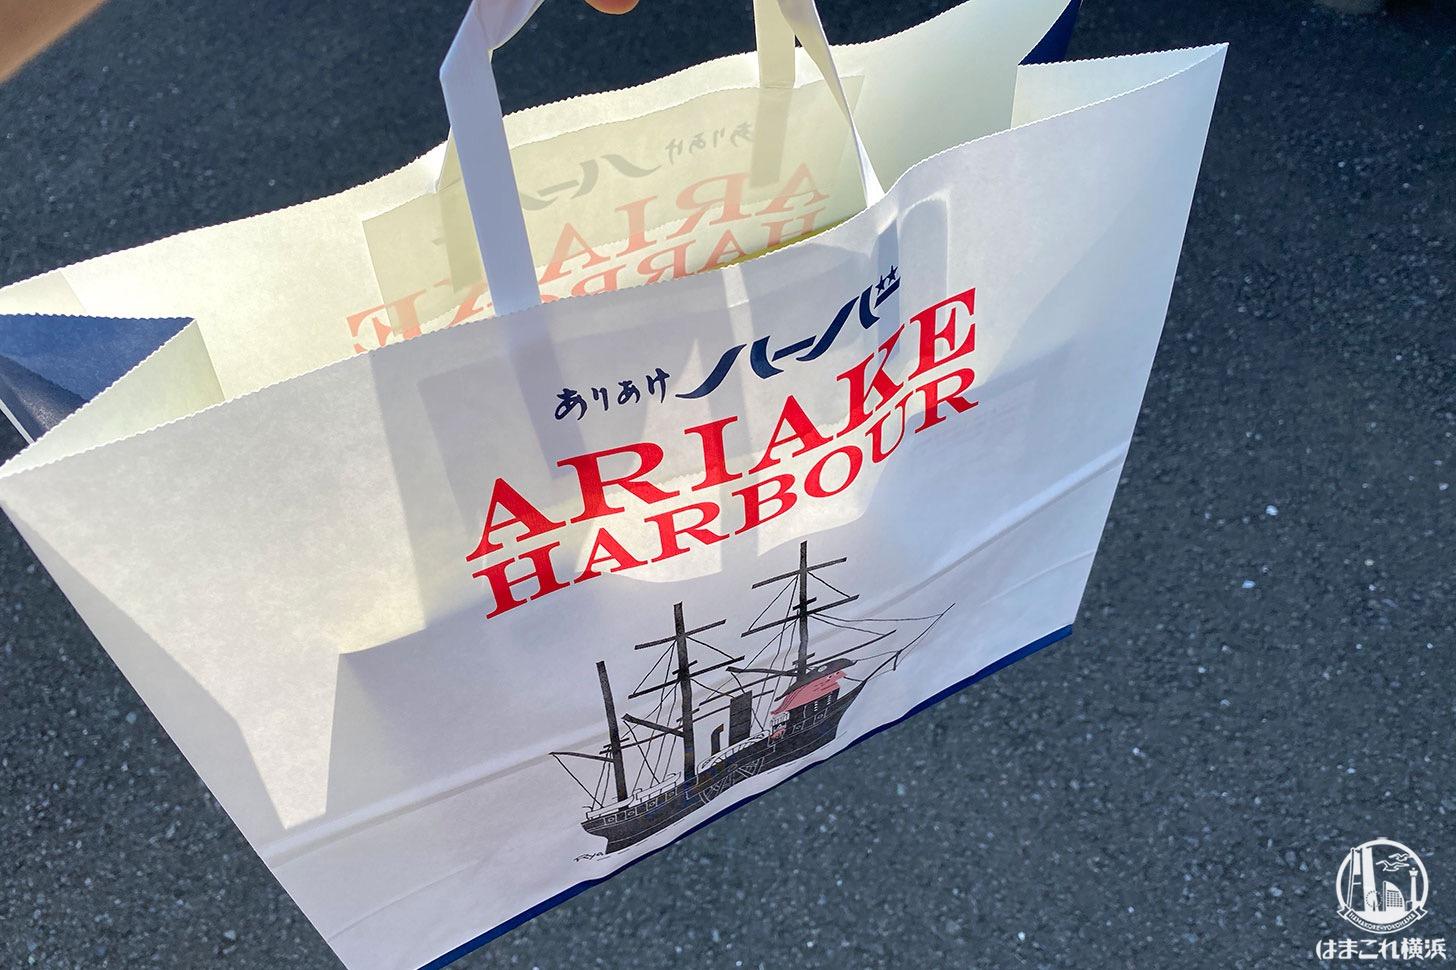 横濱ハーバー「幻の浜なし」お土産